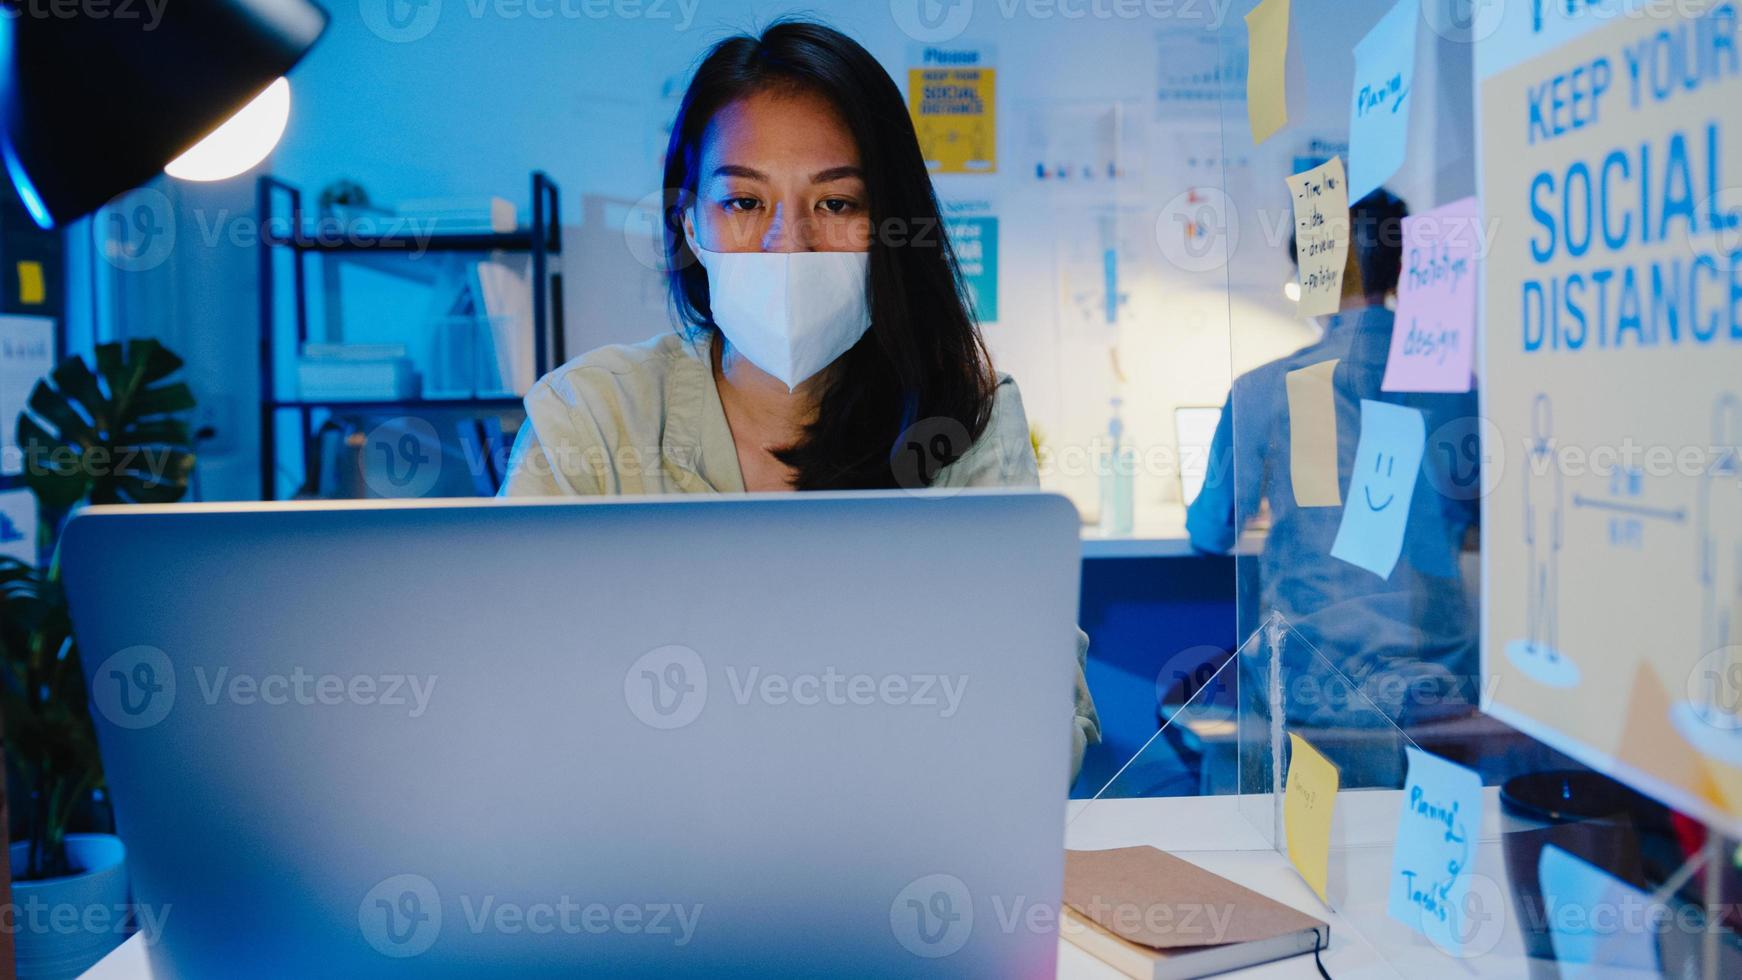 femme d'affaires asiatique heureuse portant un masque médical pour la distanciation sociale dans une nouvelle situation normale pour la prévention des virus tout en utilisant un ordinateur portable au travail la nuit au bureau. vie et travail après le coronavirus. photo